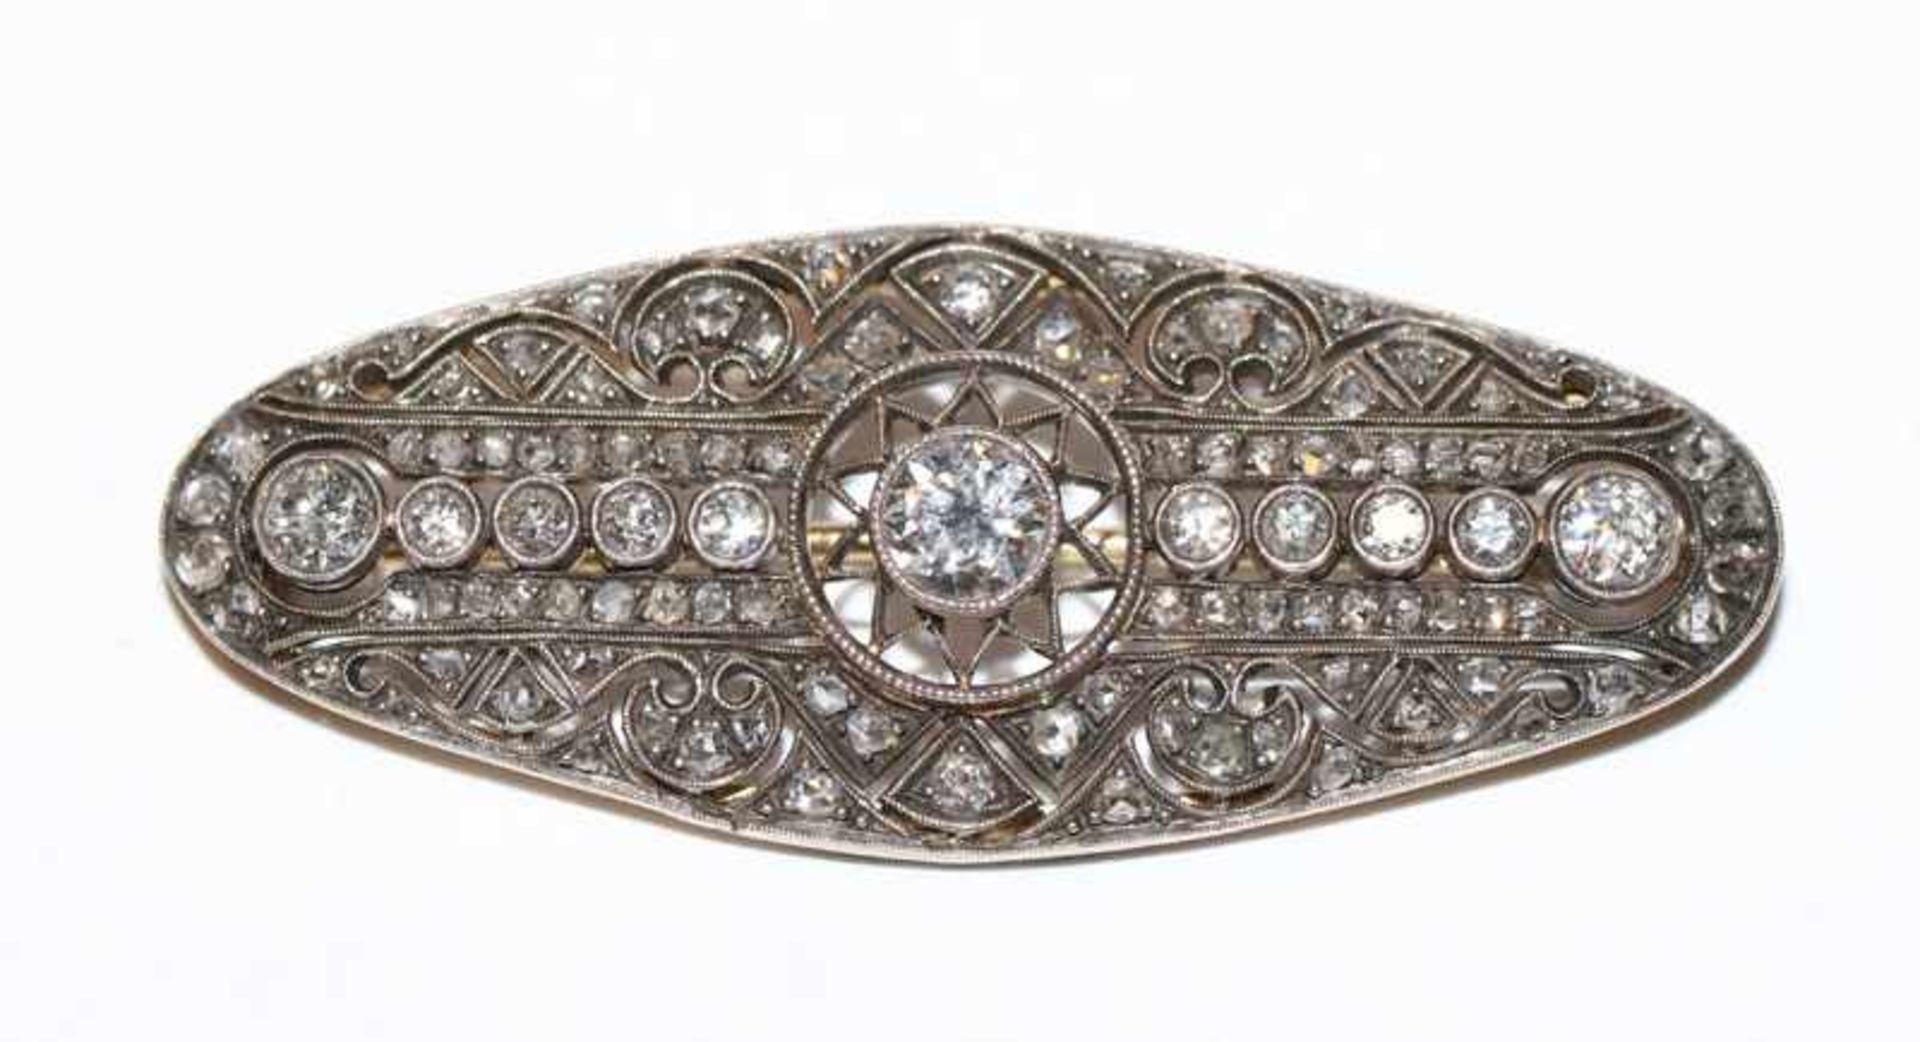 14 k Gelbgold/Silber Brosche mit Diamanten, Mittelstein ca. 0,50 ct., tw/vsi, die anderen